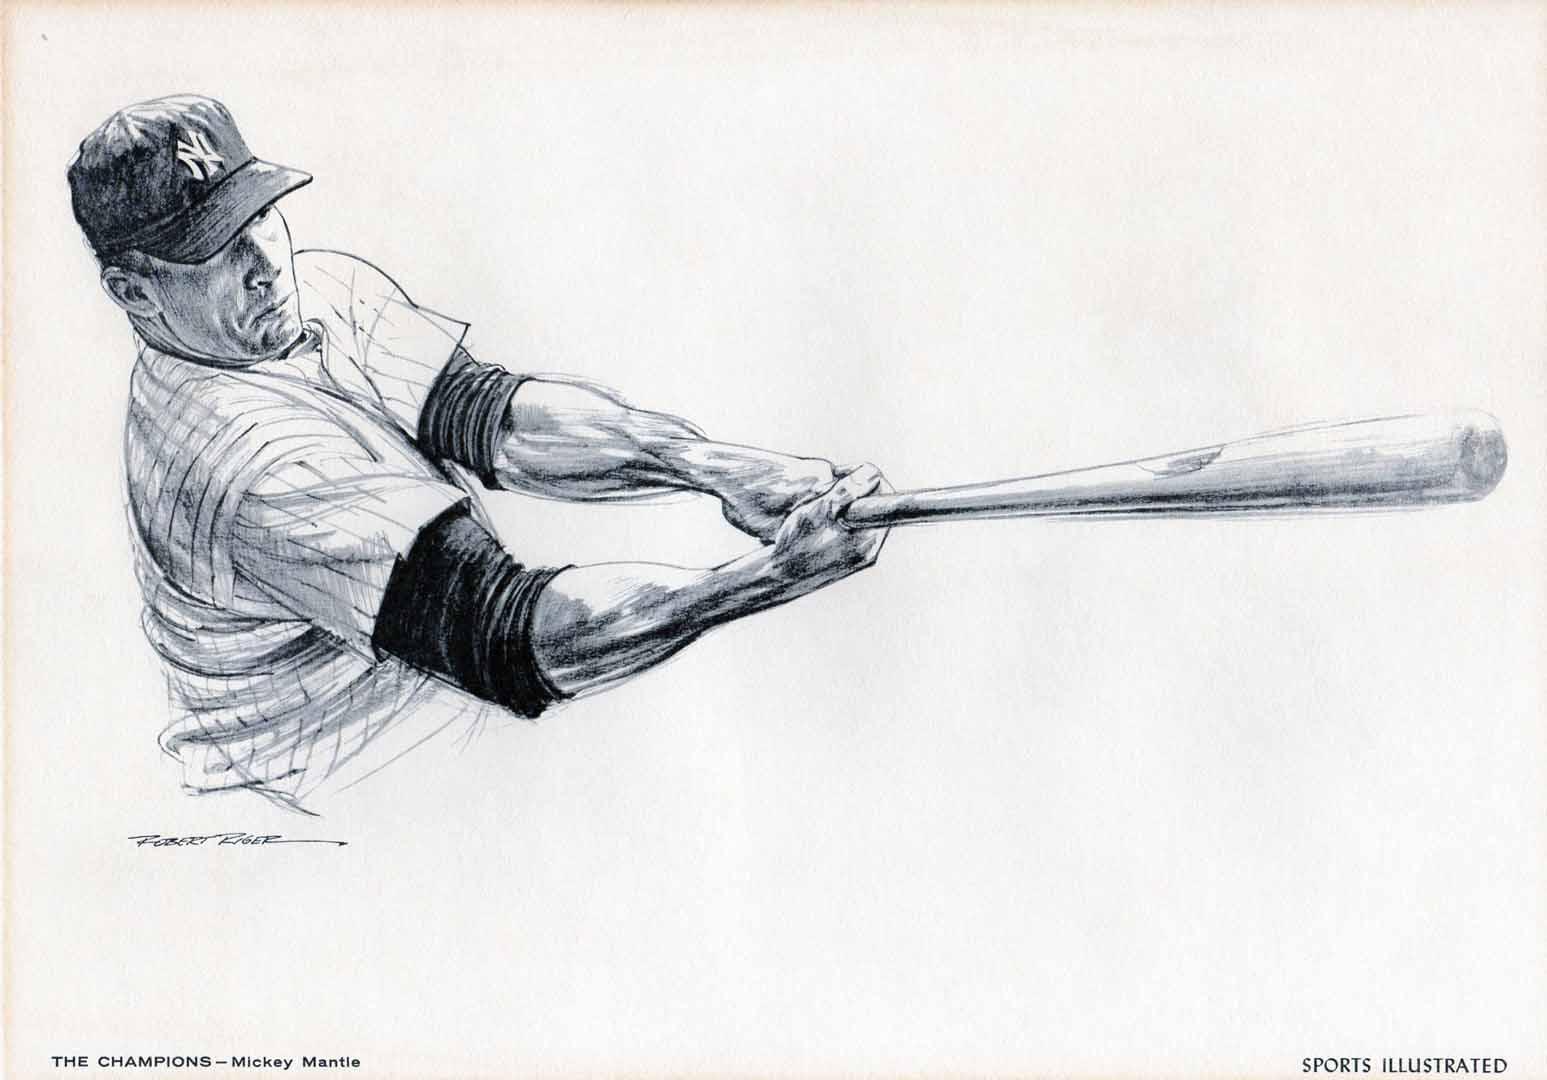 1962 SI, Robert Riger drawing send in premium